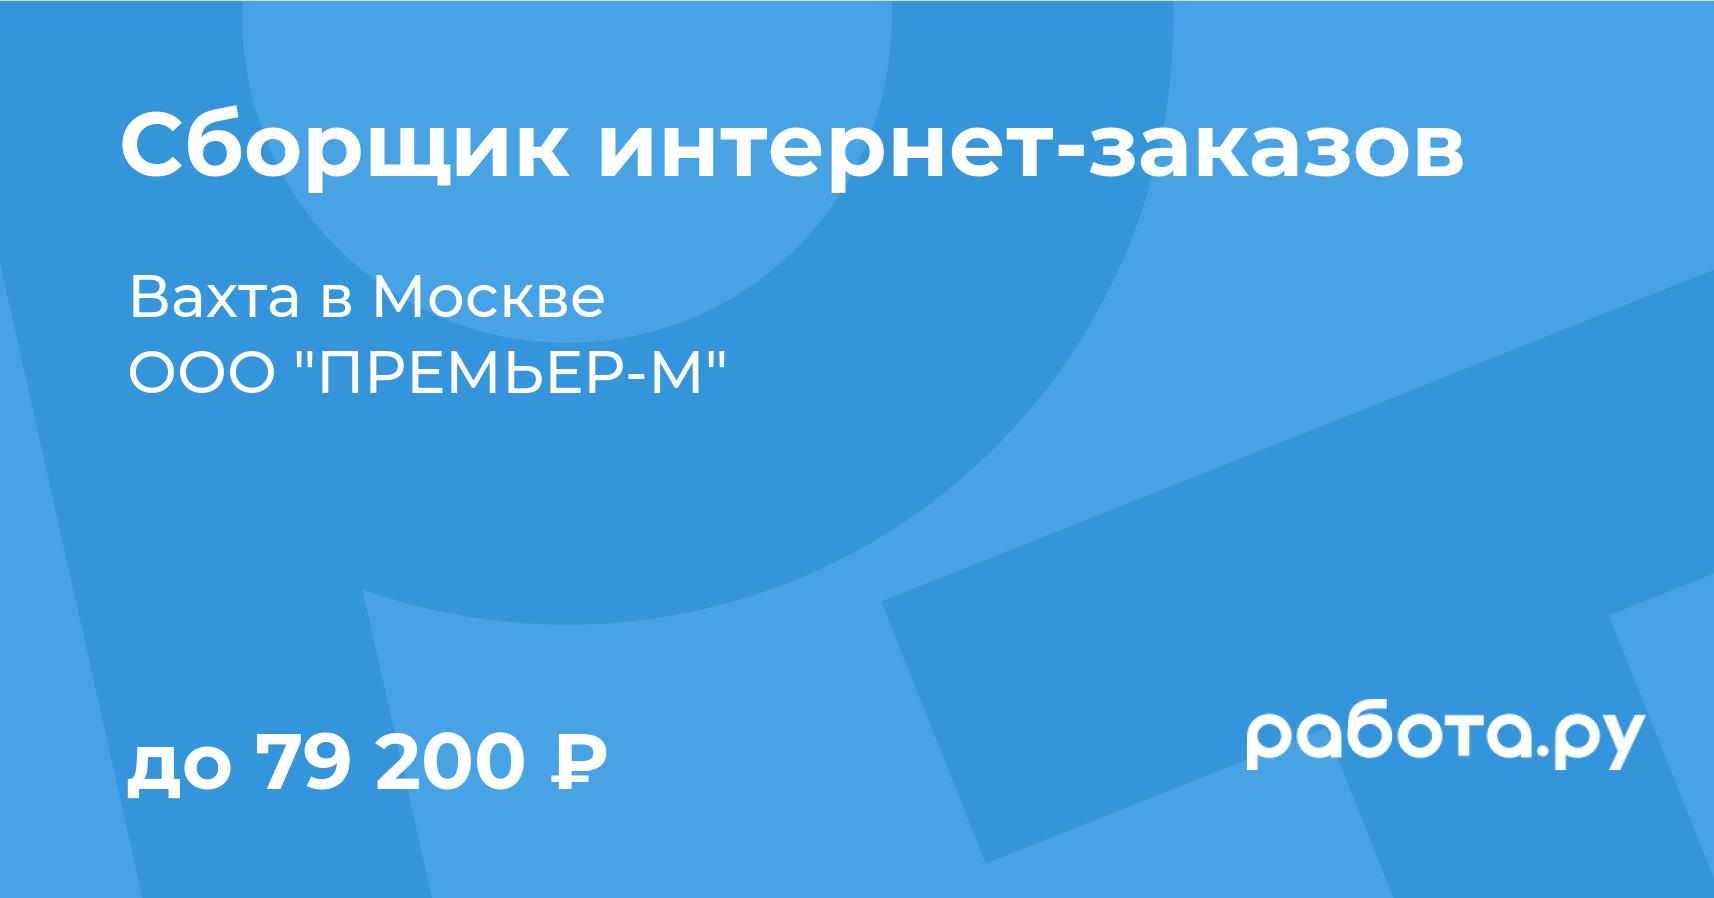 Работа удаленно через интернет вакансии в москве как зарабатывать фрилансом дизайнеру